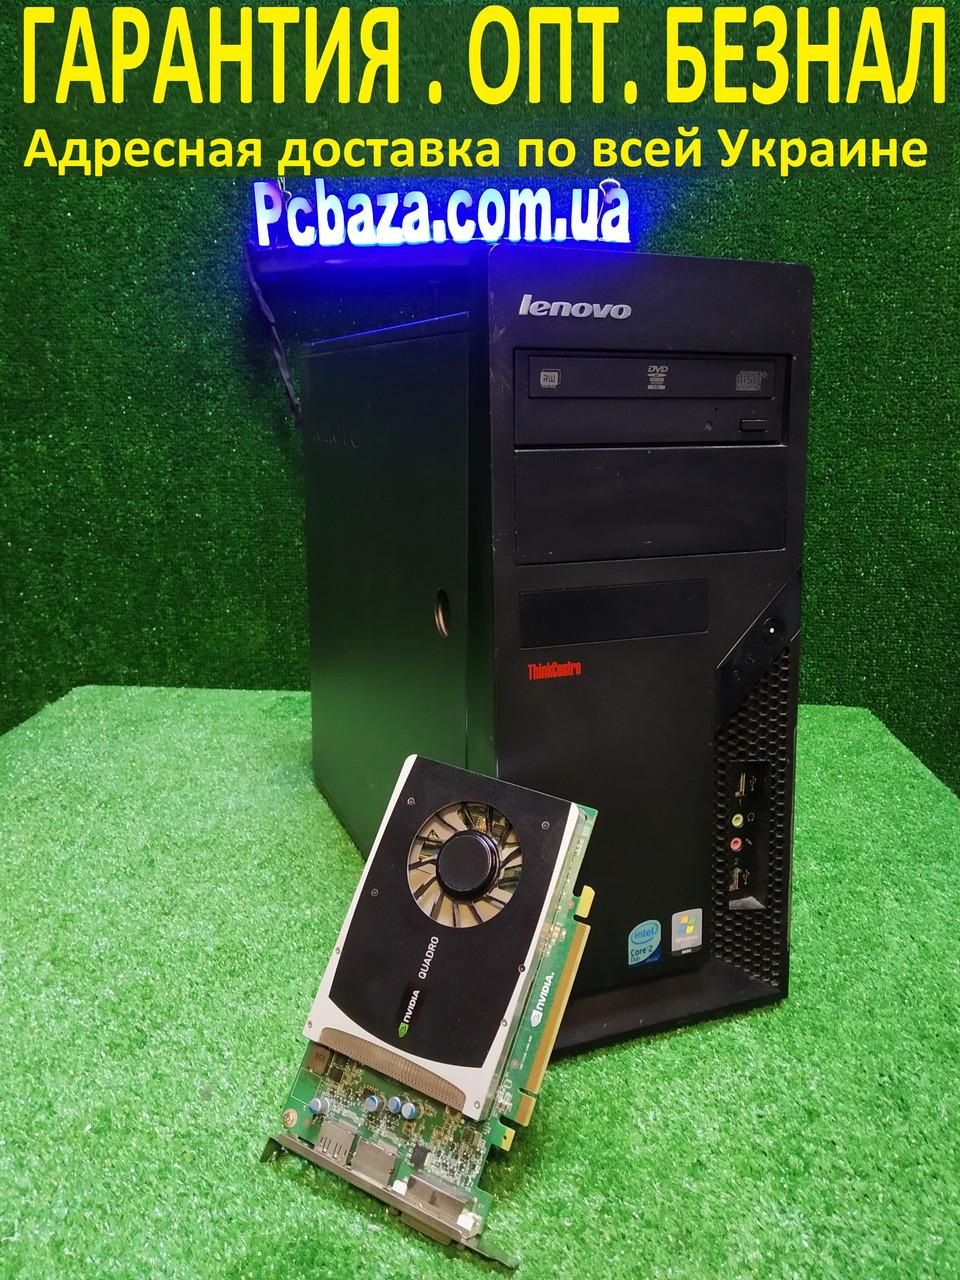 Игровой Компьютер Lenovo a55 Intel 4 ядра, 4GB ОЗУ, 1000GB HDD, Quadro 2000 1 GB, Настроен и готов к работе!